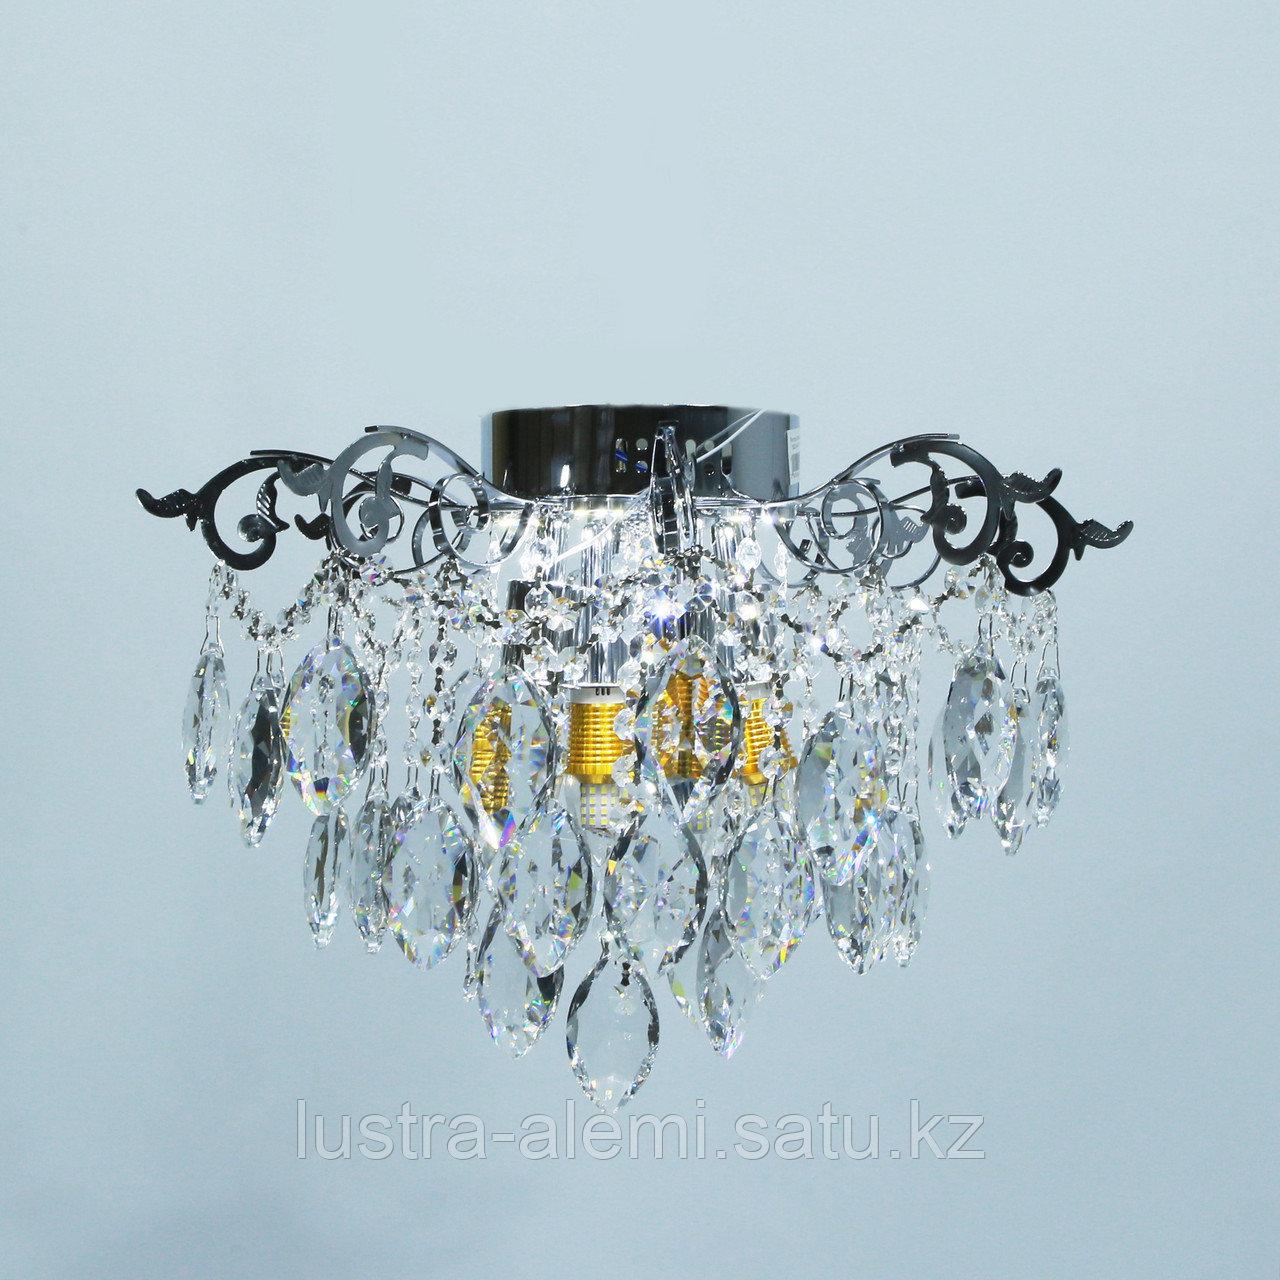 """Люстра Классика """"Хрусталь"""" 1832/4+4 E27*4-LED*4 CH"""